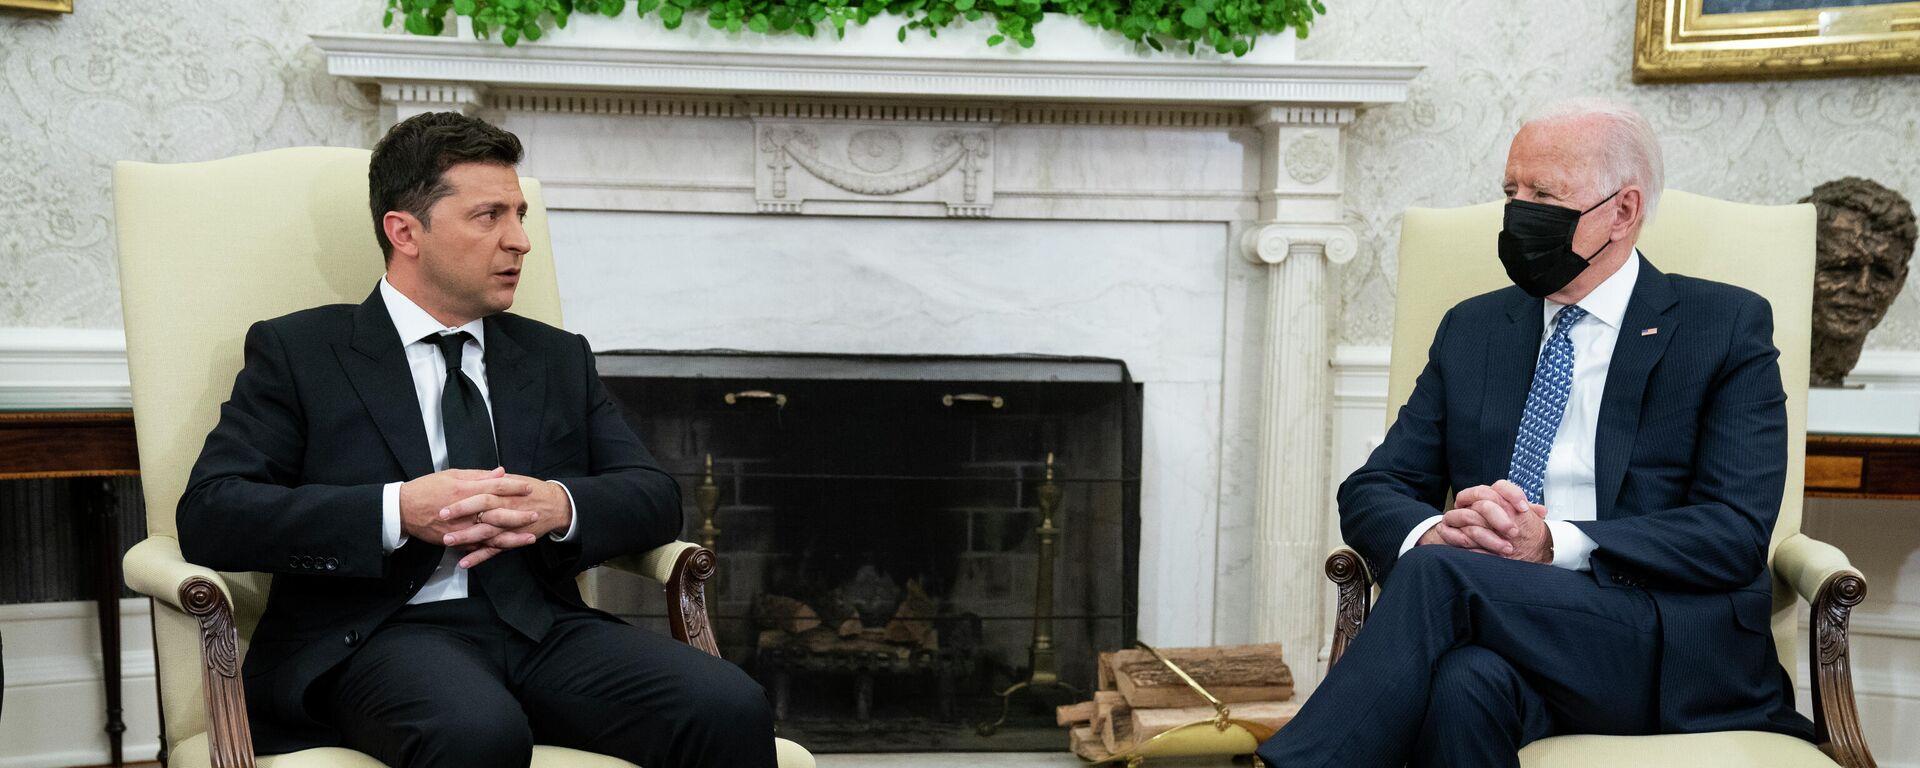 Predsednici Ukrajine i SAD, Vladimir Zelenski i Džozef Bajden tokom sastanka u Beloj kući - Sputnik Srbija, 1920, 05.09.2021